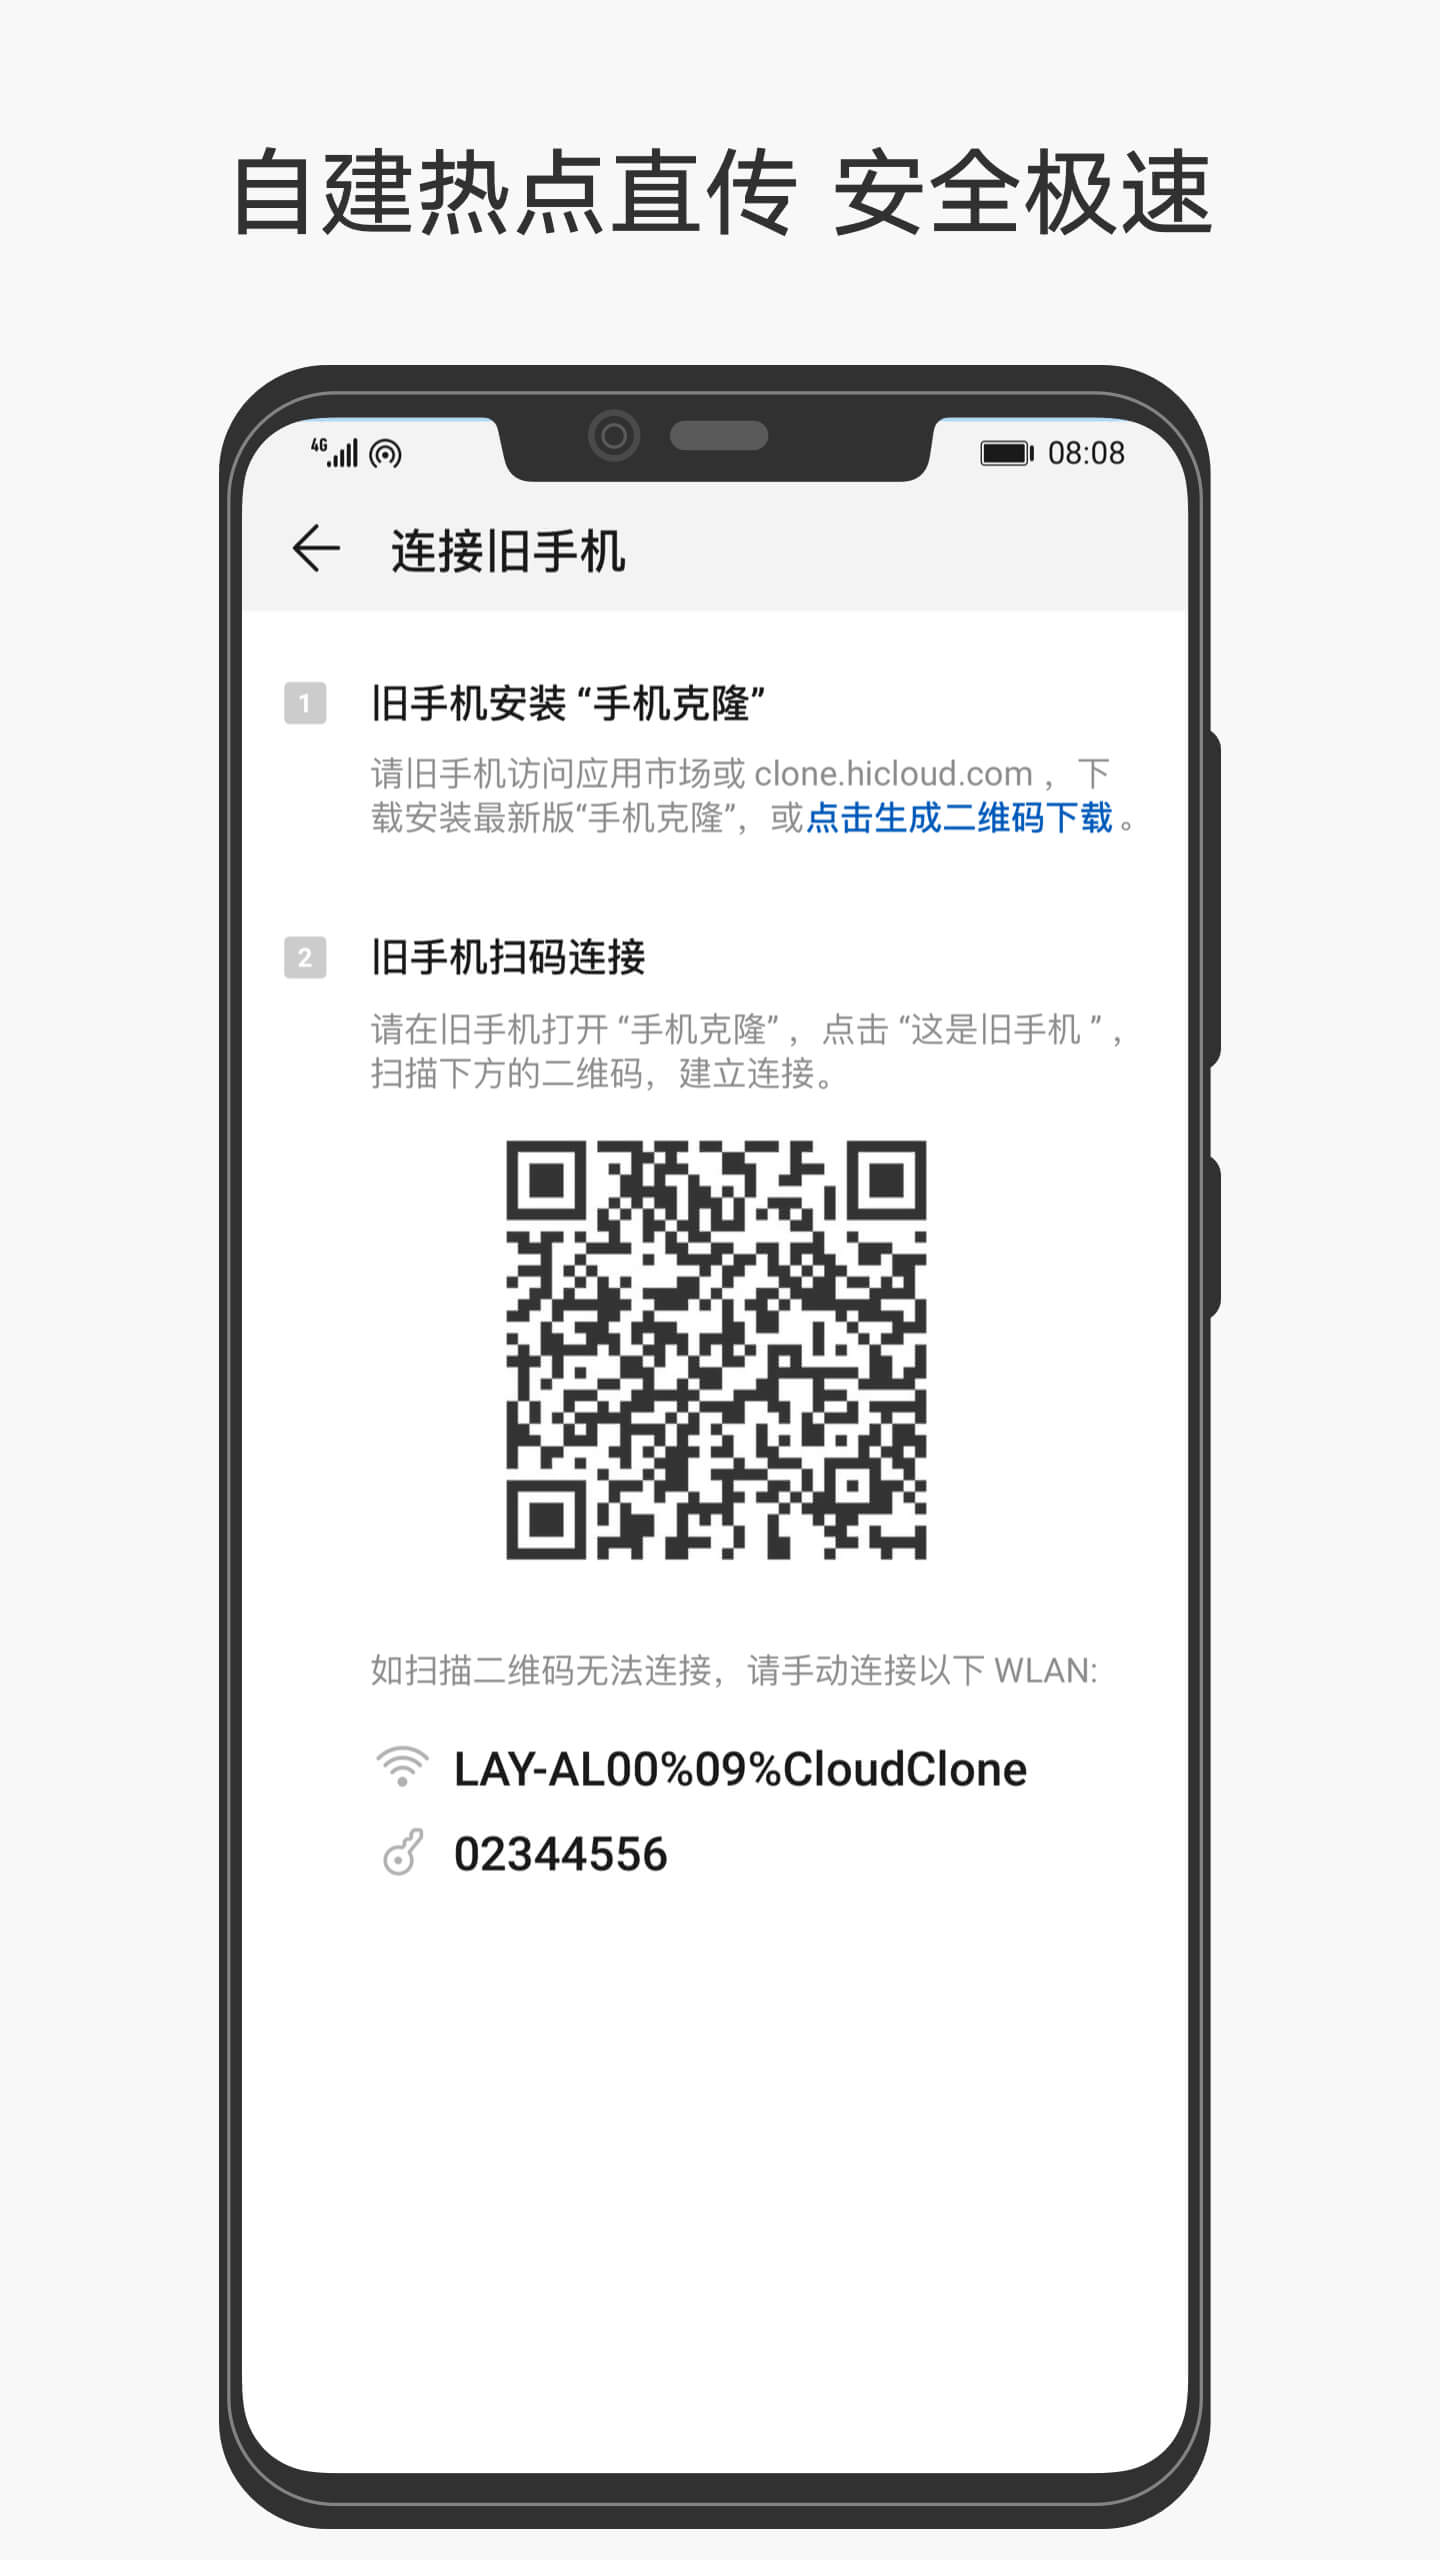 【分享】手机克隆 10.0.1-爱小助